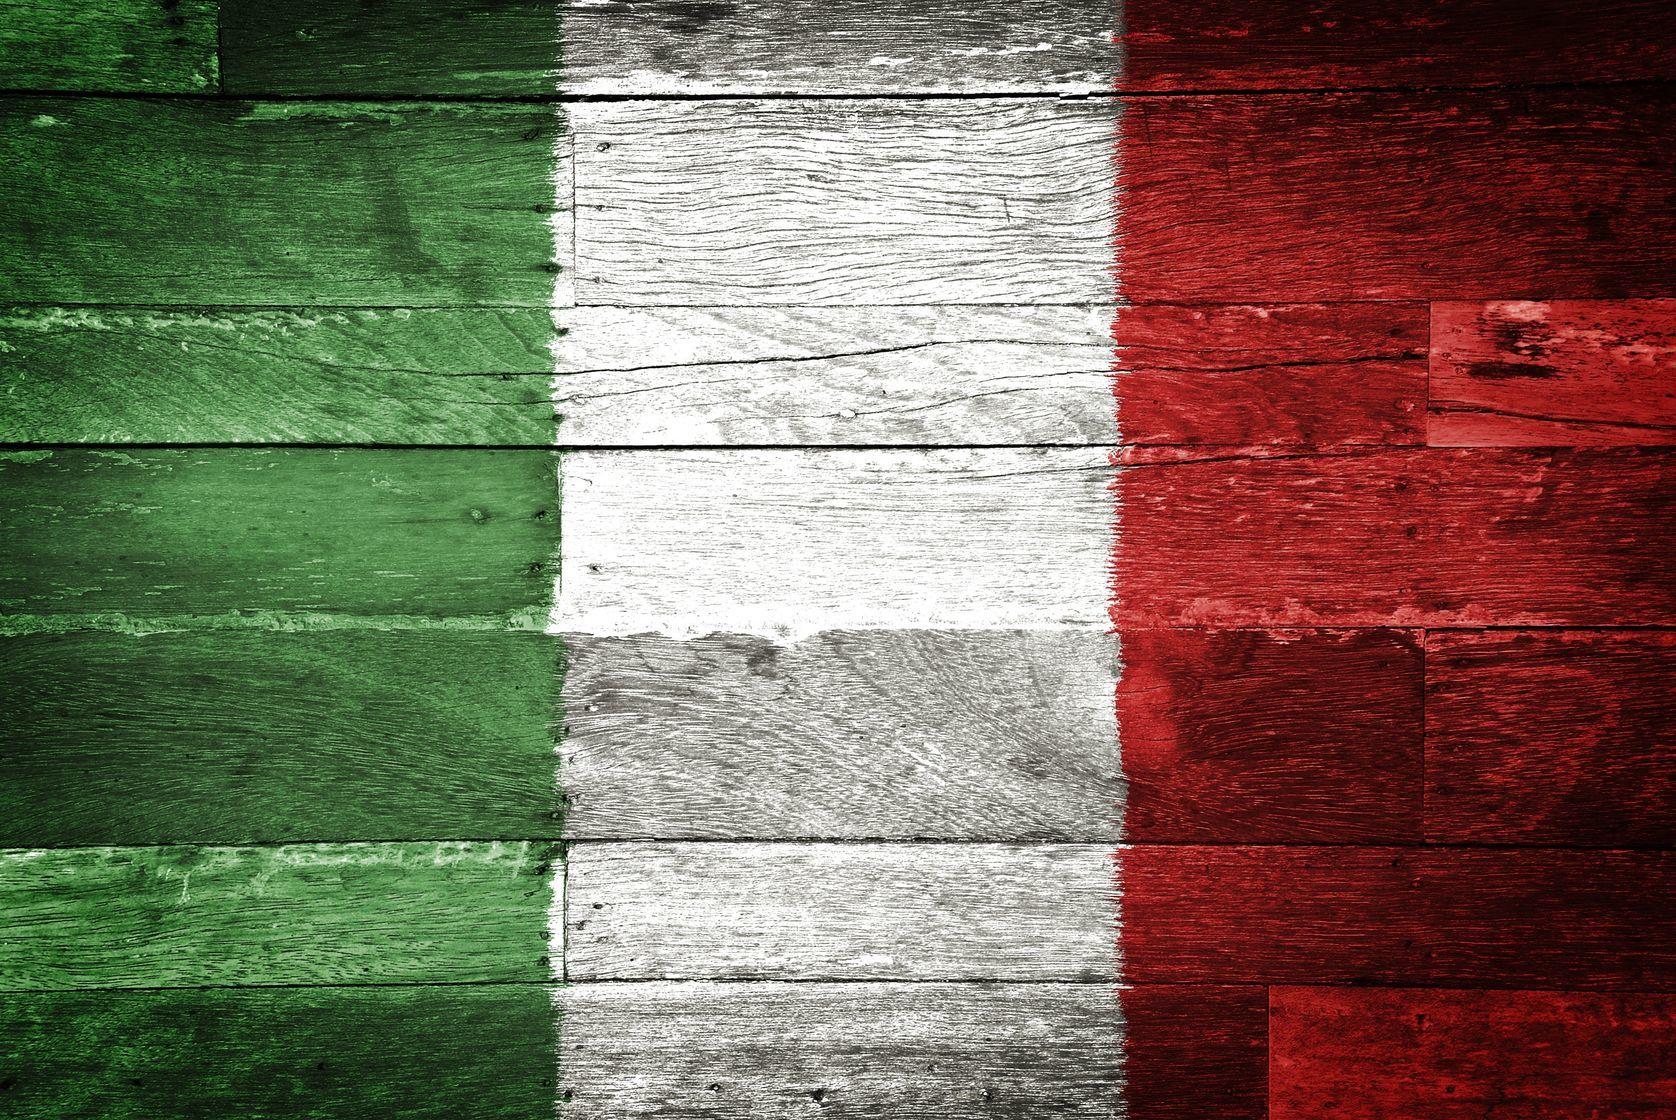 Italská vlajka namalovaná na dřevě | pockygallery/123RF.com